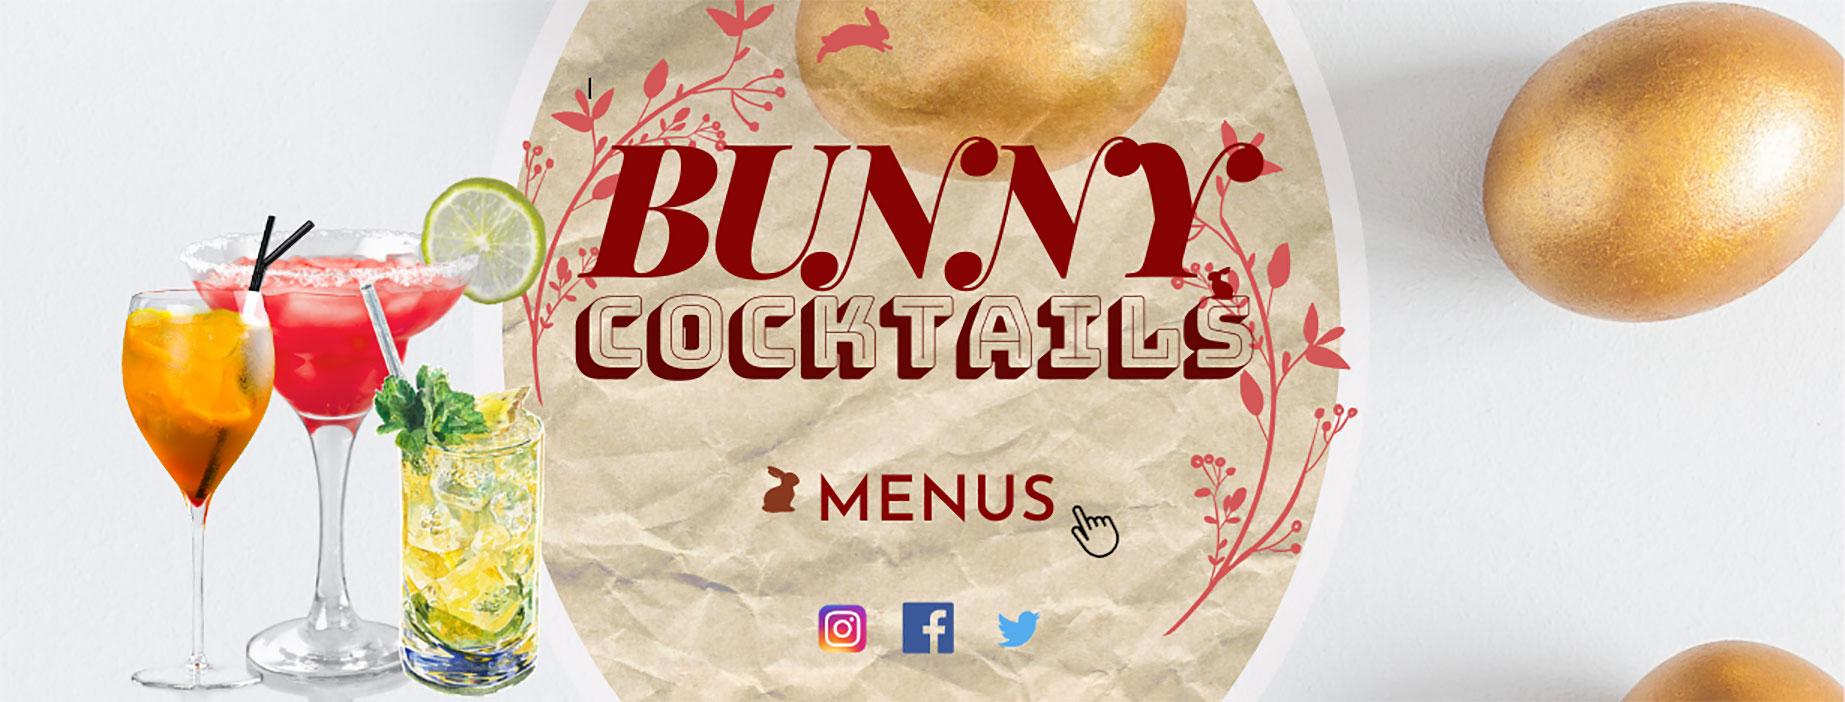 Bunny-cocktails-header-large-web